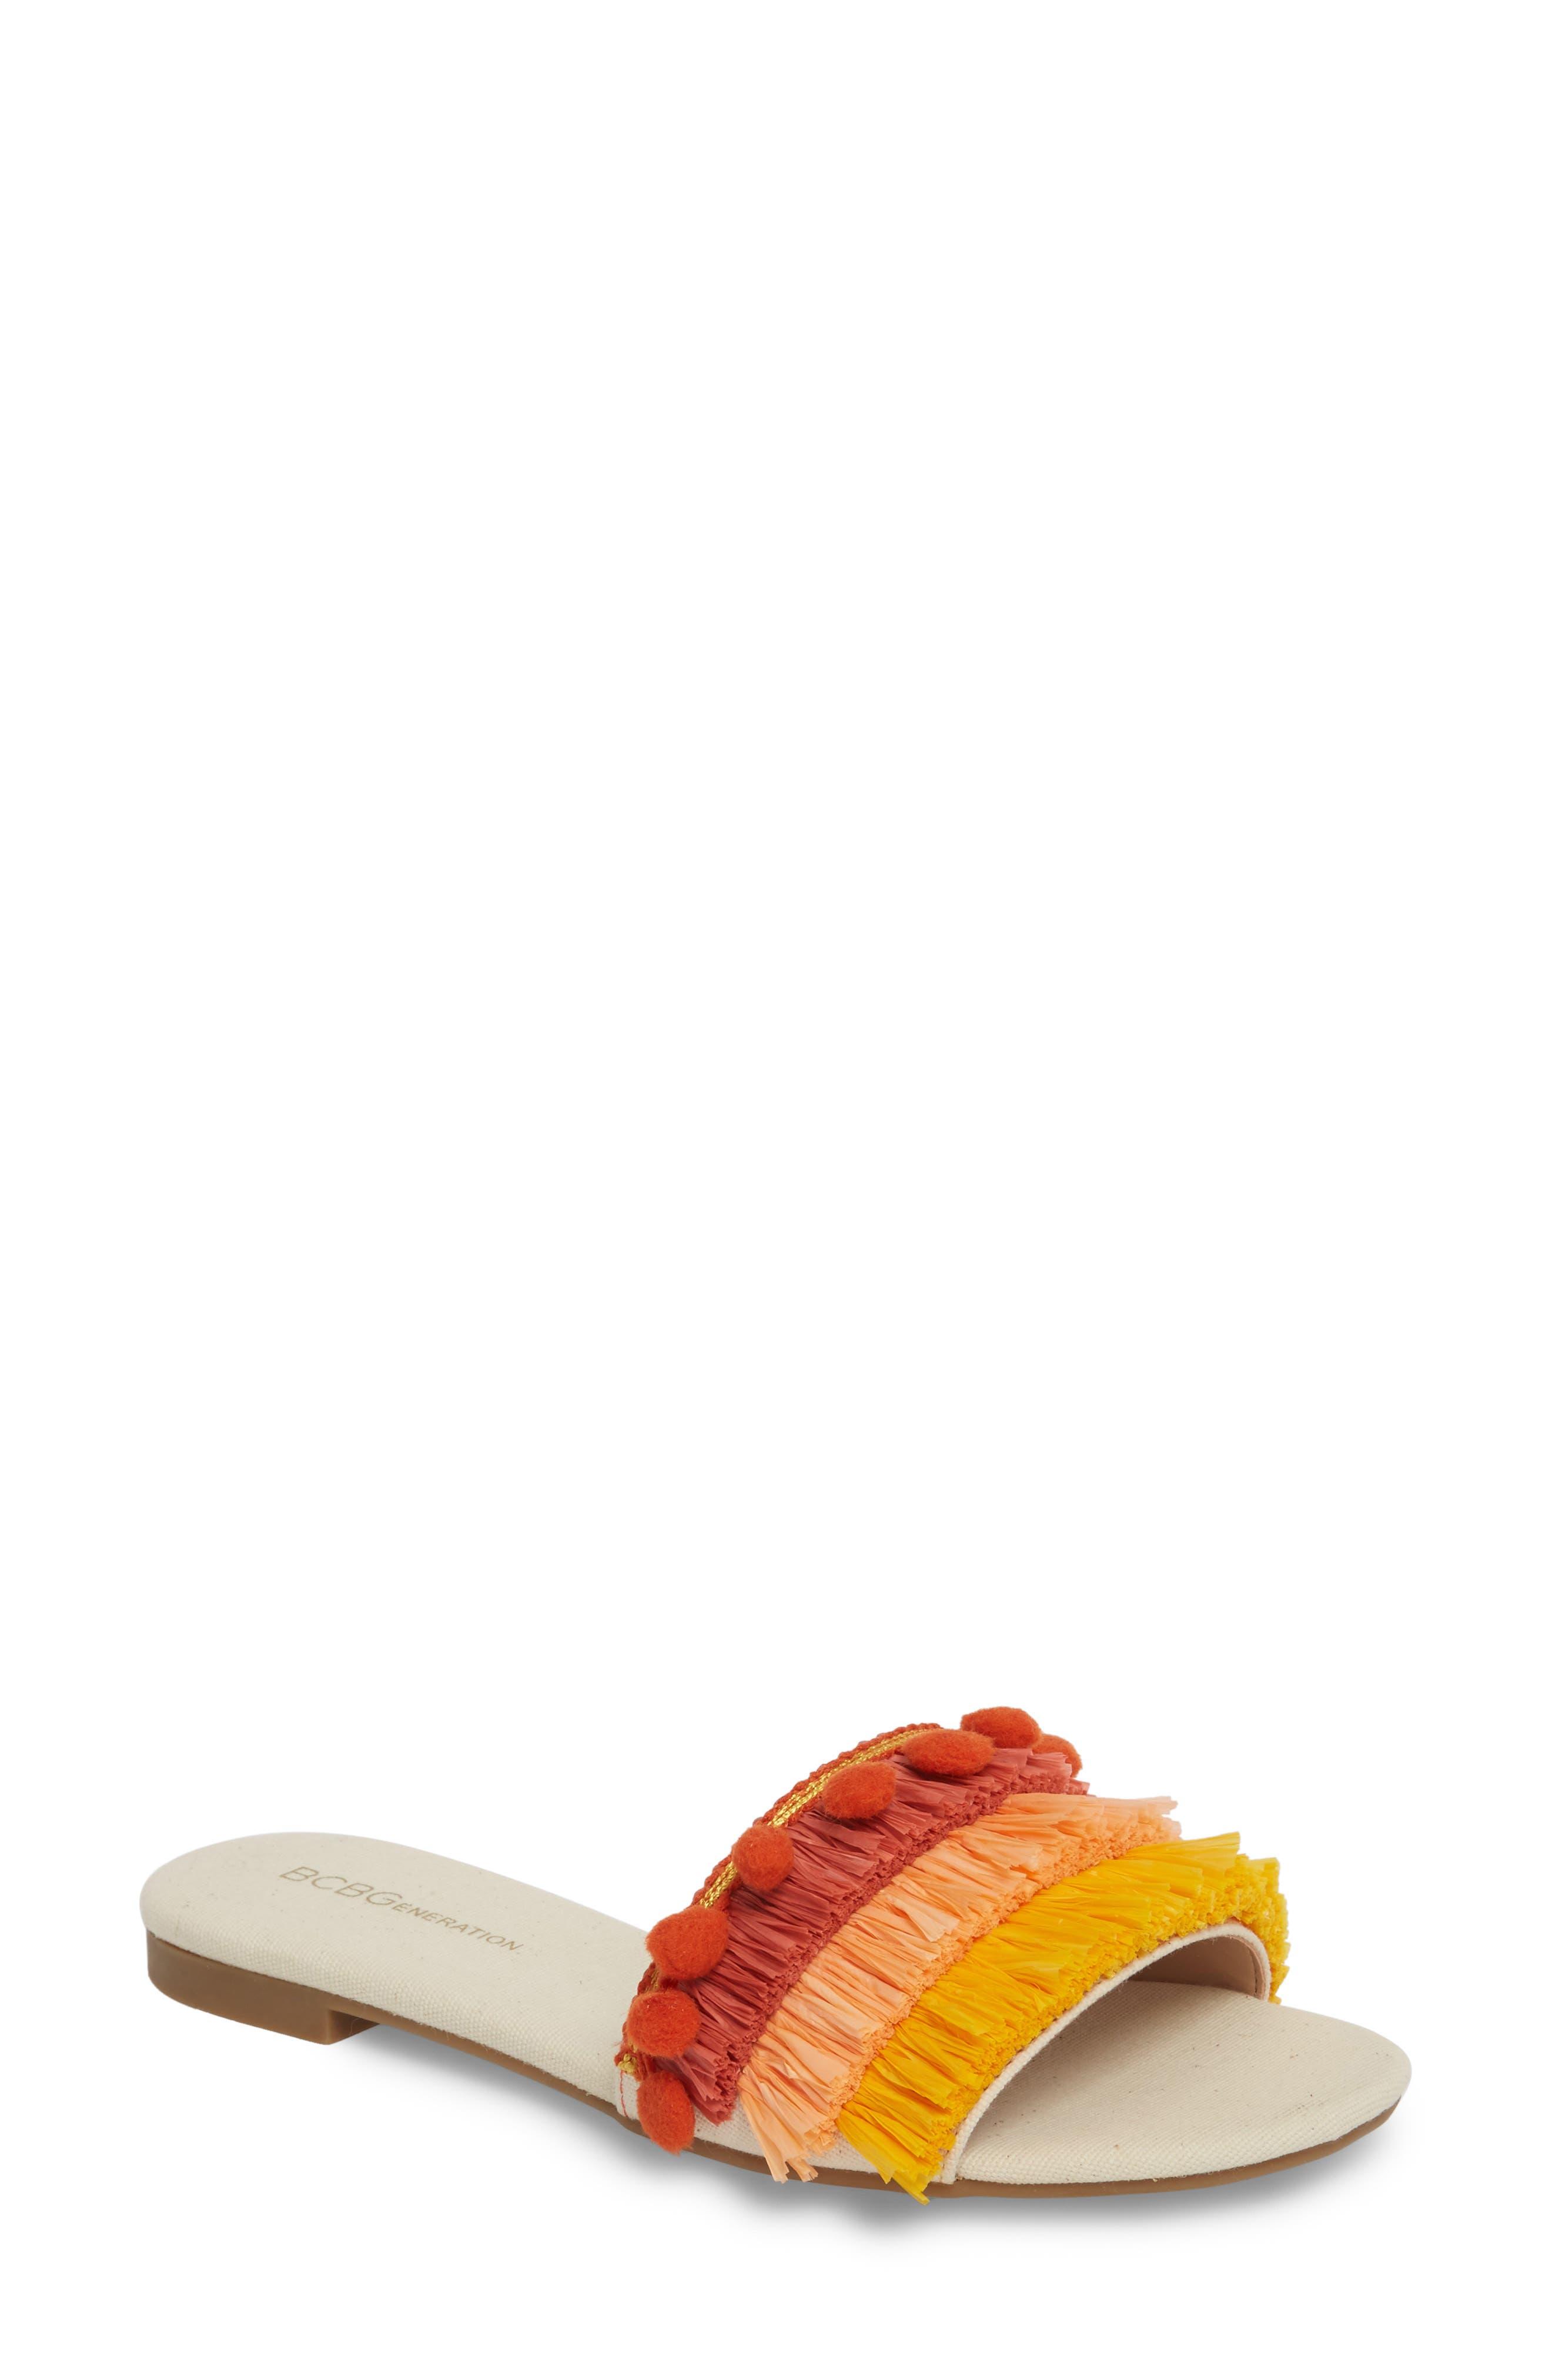 Genna Raffia Tier Slide Sandal,                         Main,                         color, 750